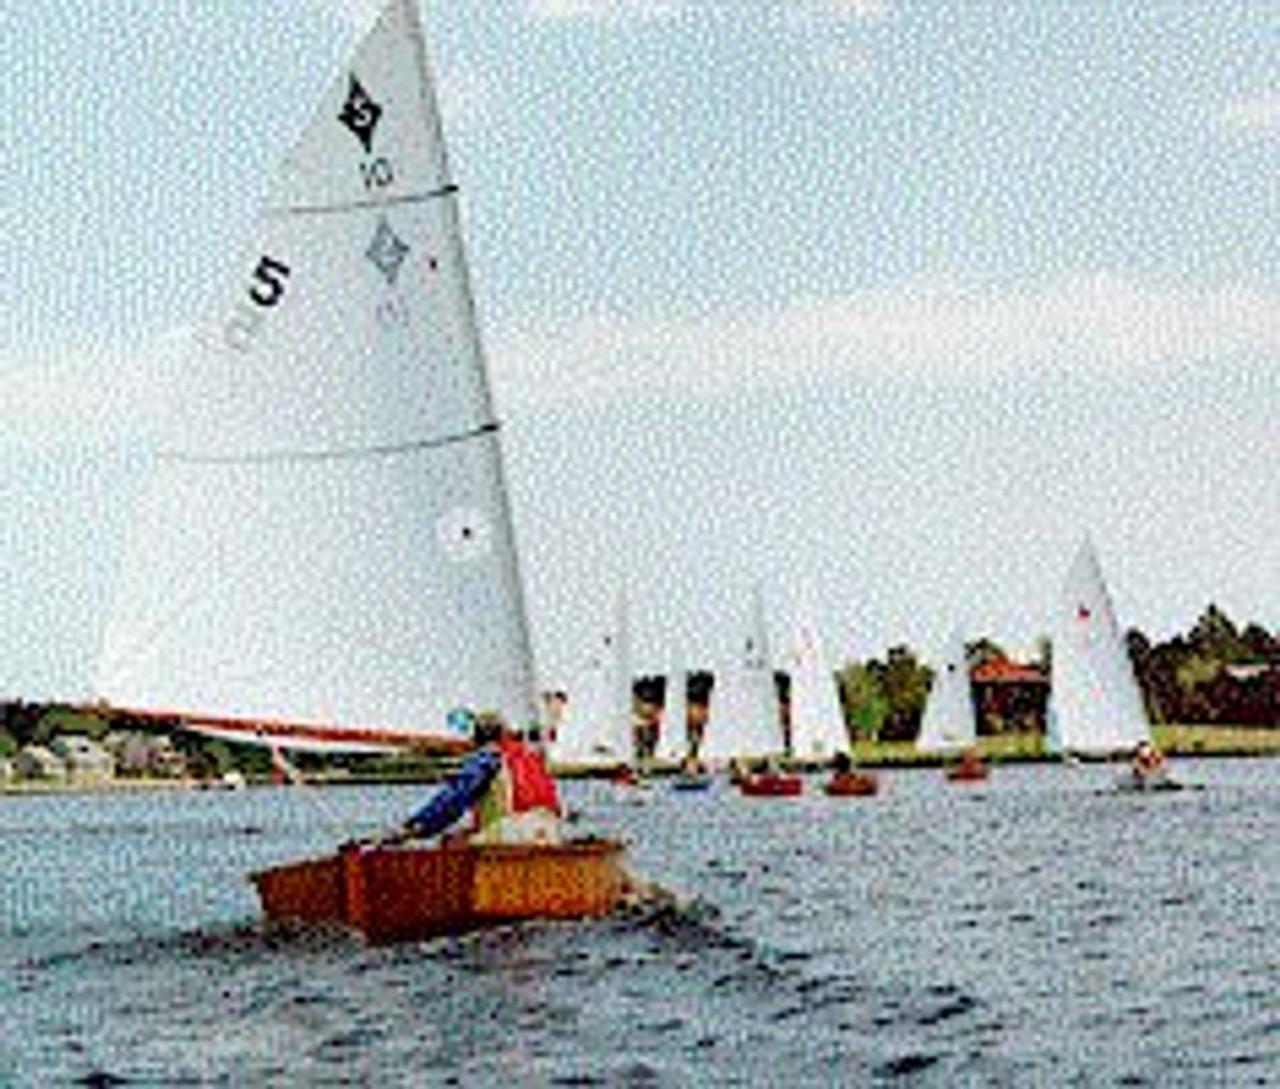 Spindrift 11 Reefing Sail